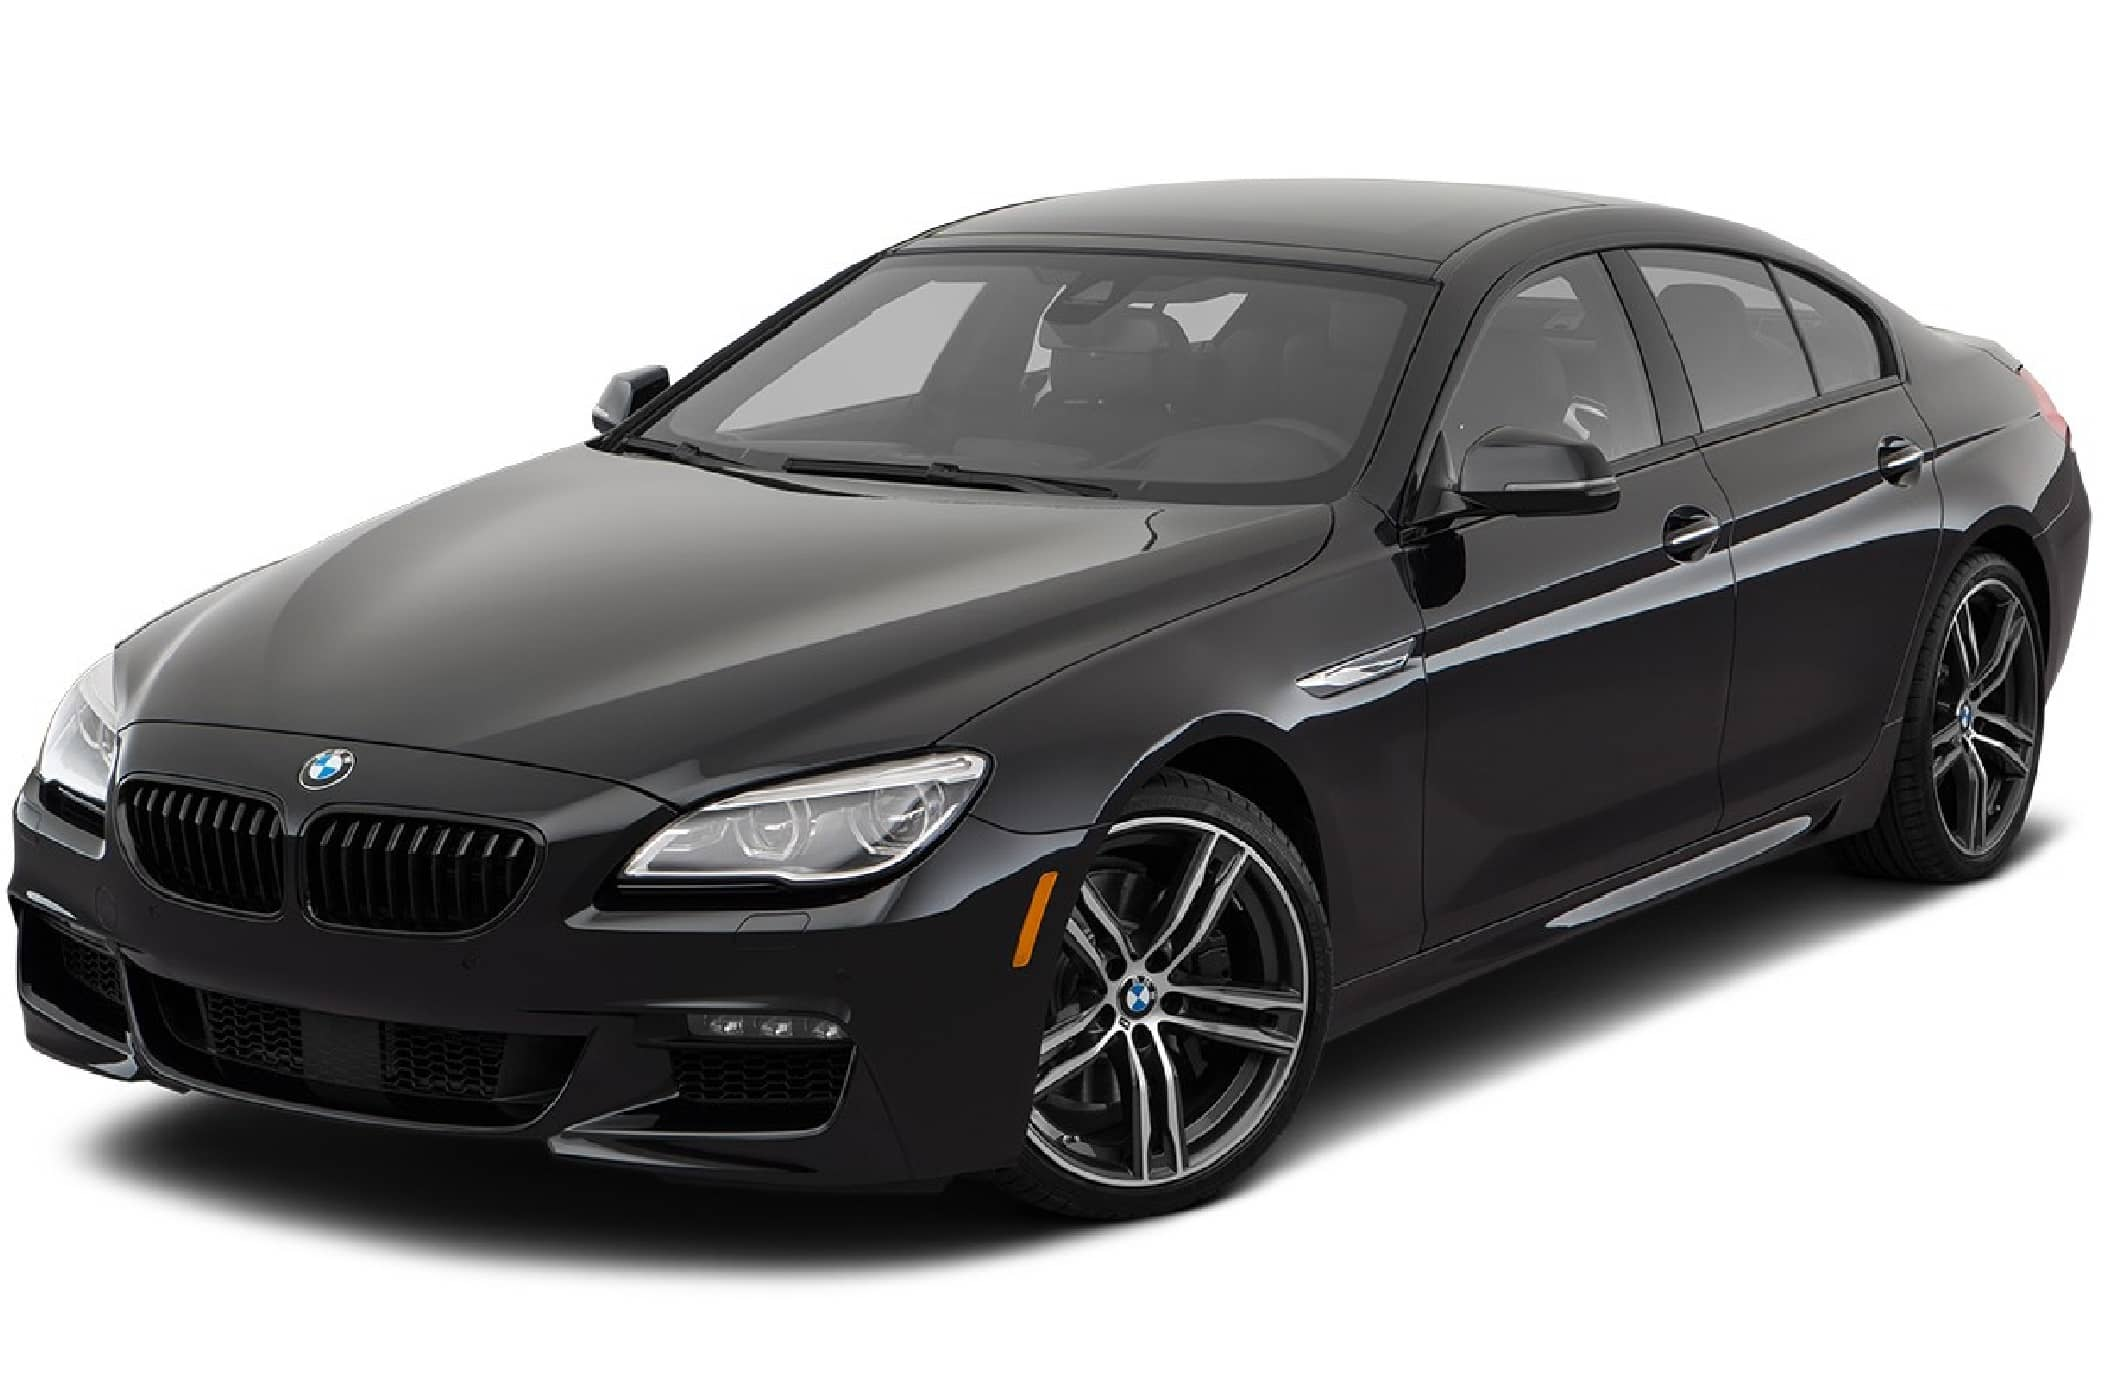 Замена амортизаторов BMW серии 6